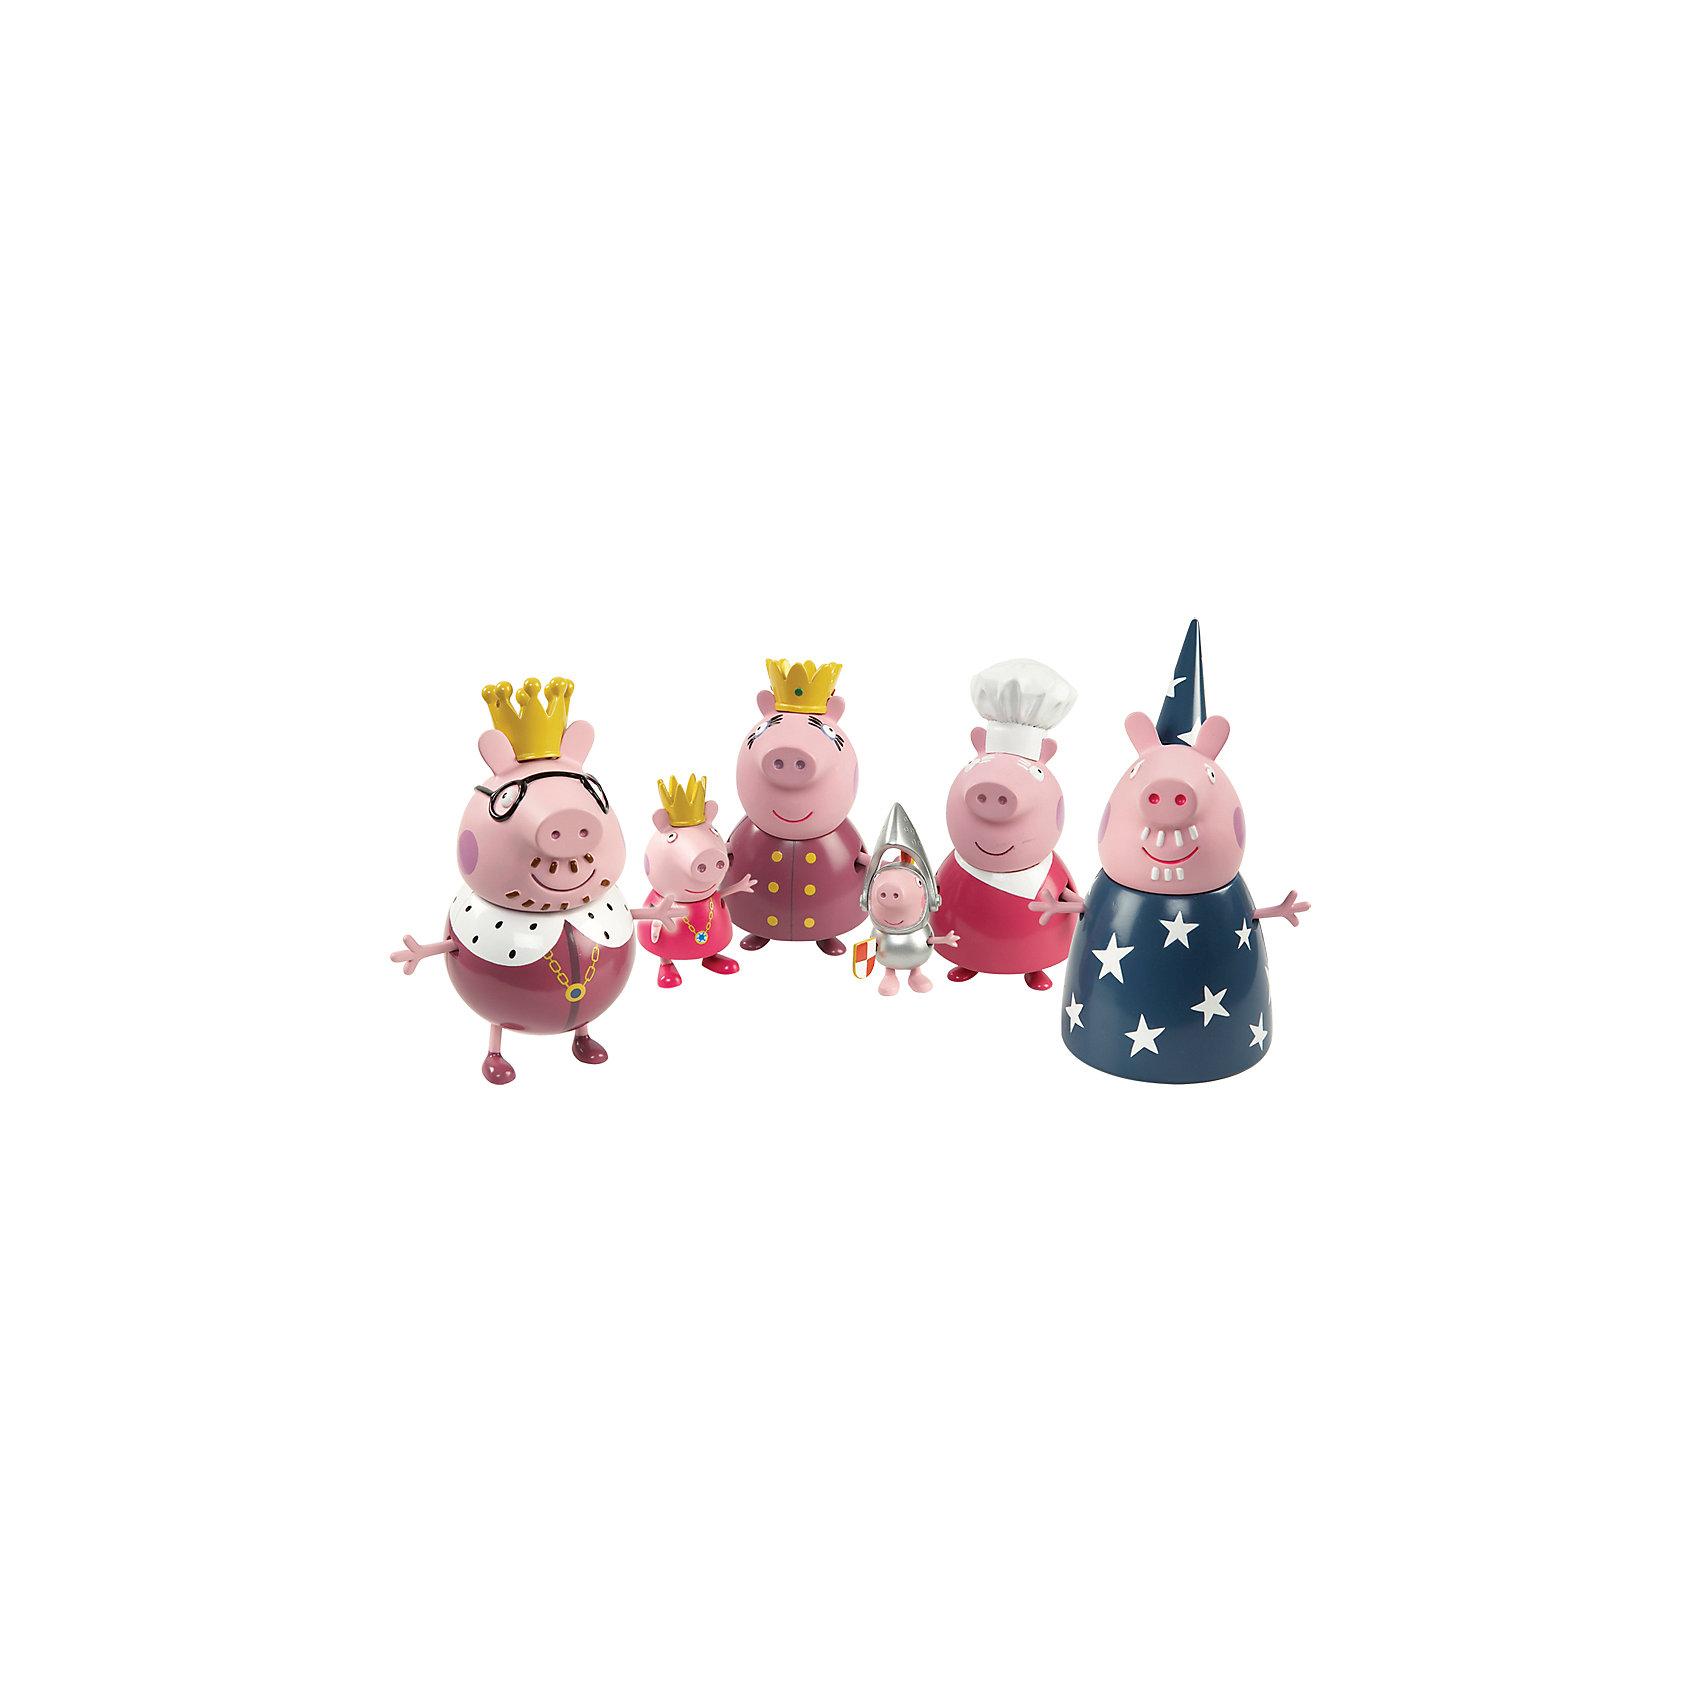 Росмэн Игровой набор Королевская семья, Свинка Пеппа чехлы накладки для телефонов кпк other disney 5 5s iphone6